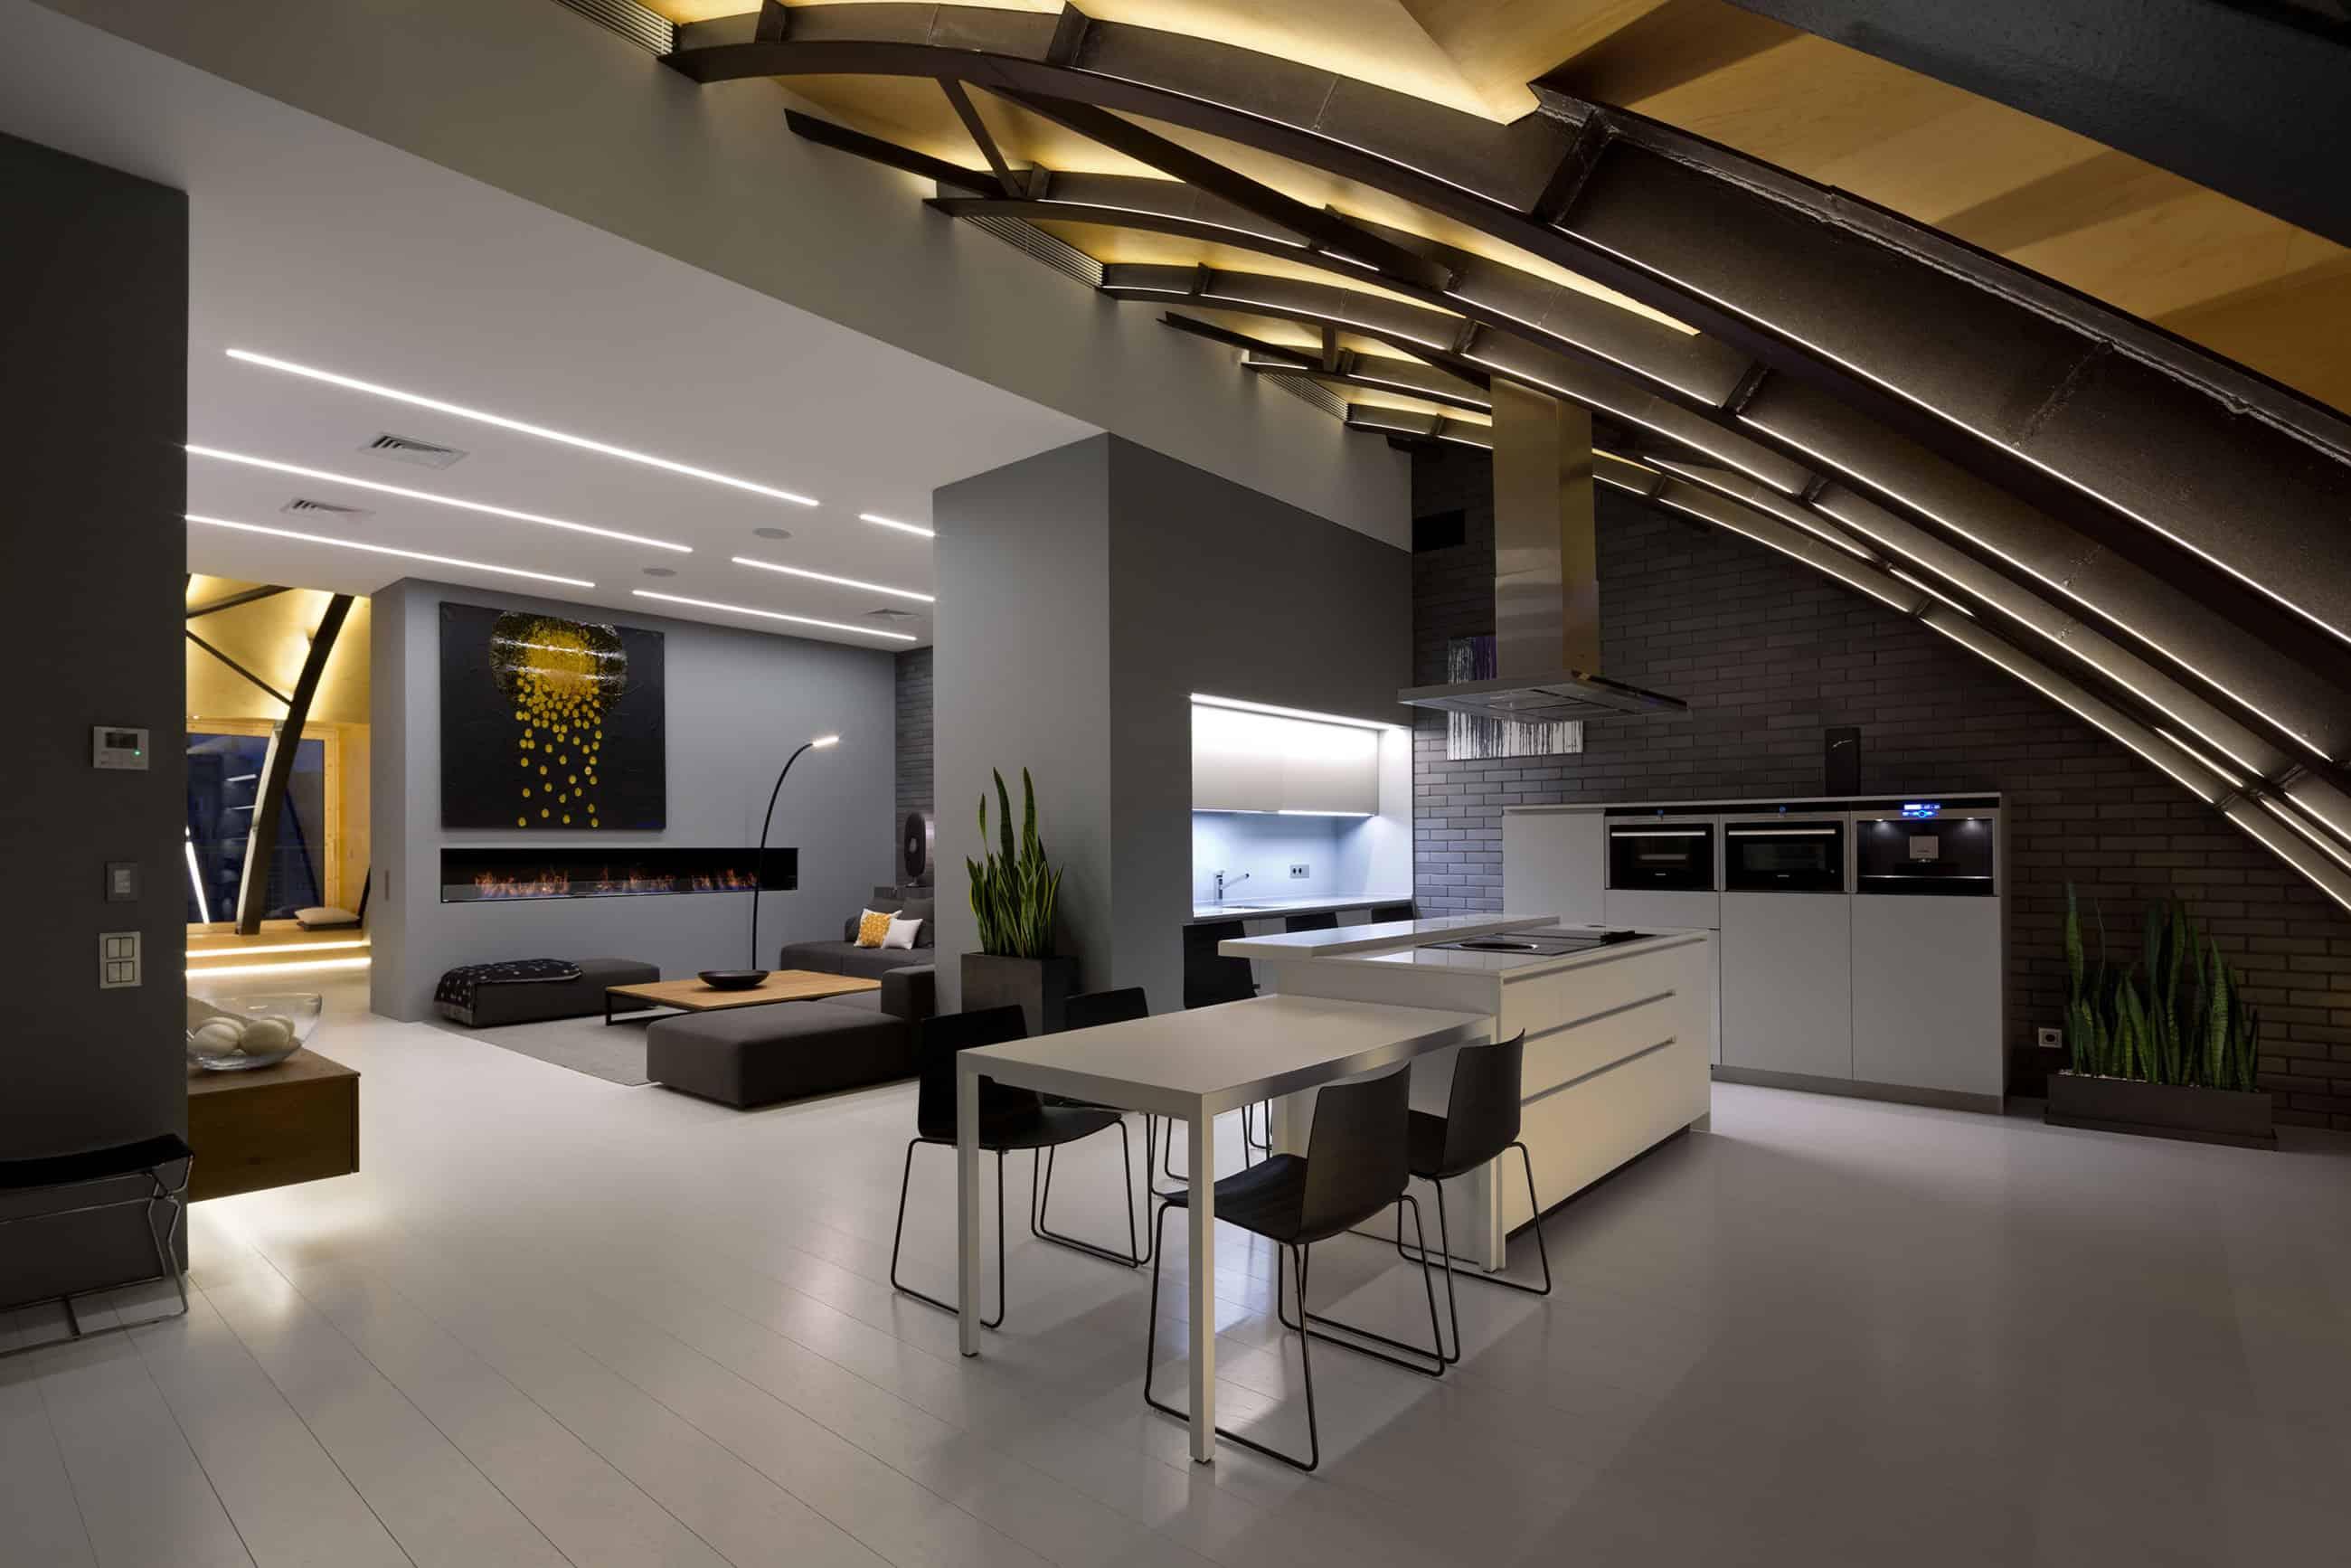 Alex Obraztsov Designs a Stylish Loft in Kiev, Ukraine